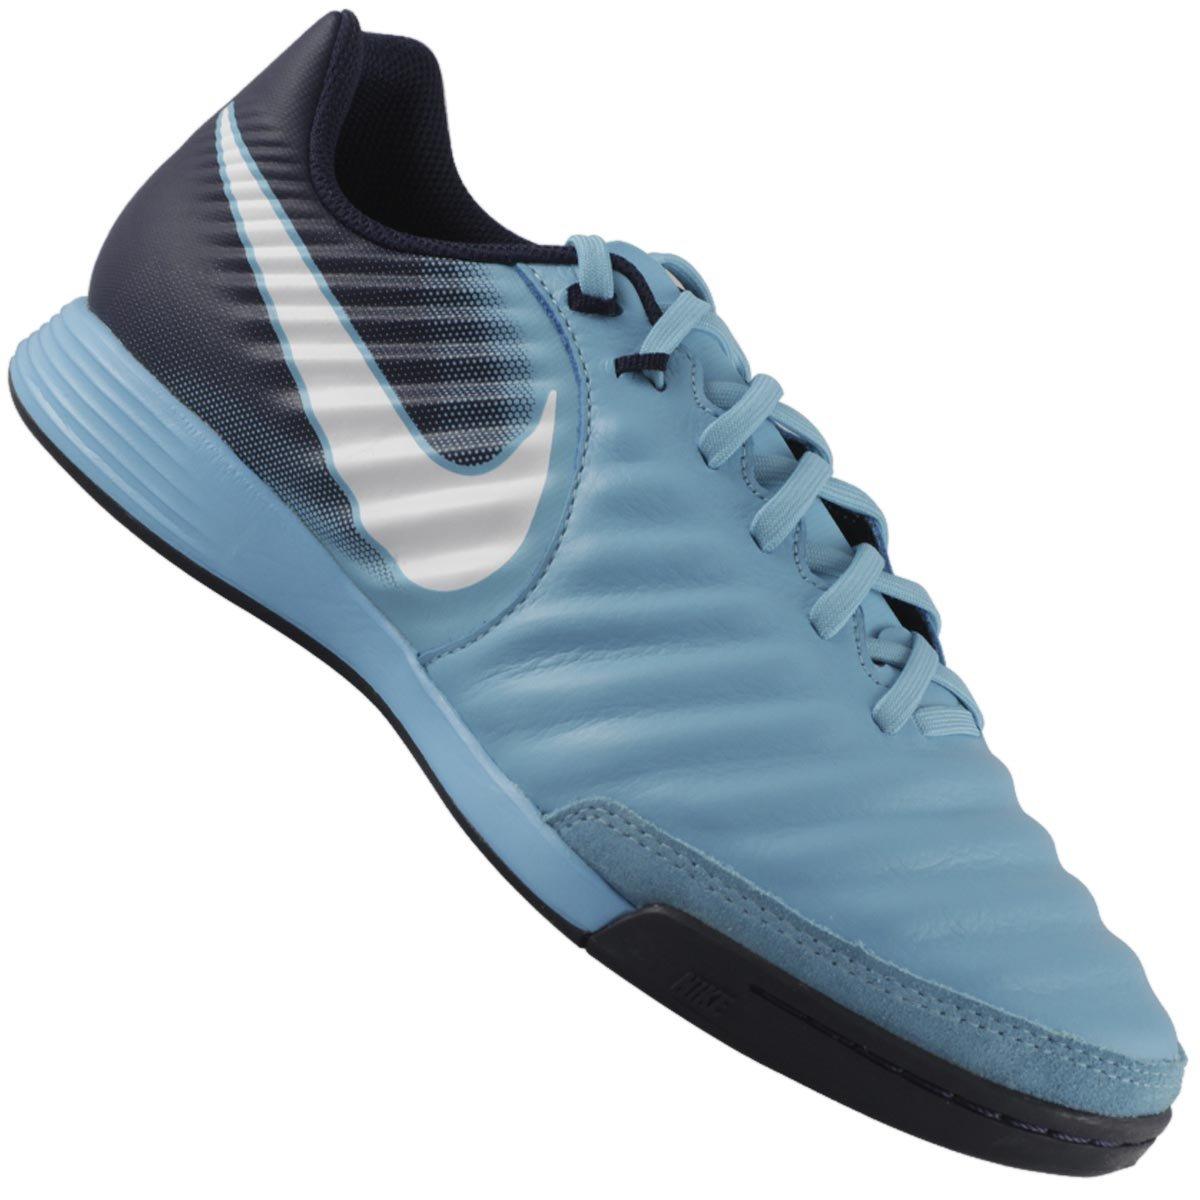 78302fbd9ac18 Tênis Futsal Nike Tiempox Ligera Iv Ic | Treino e Corrida